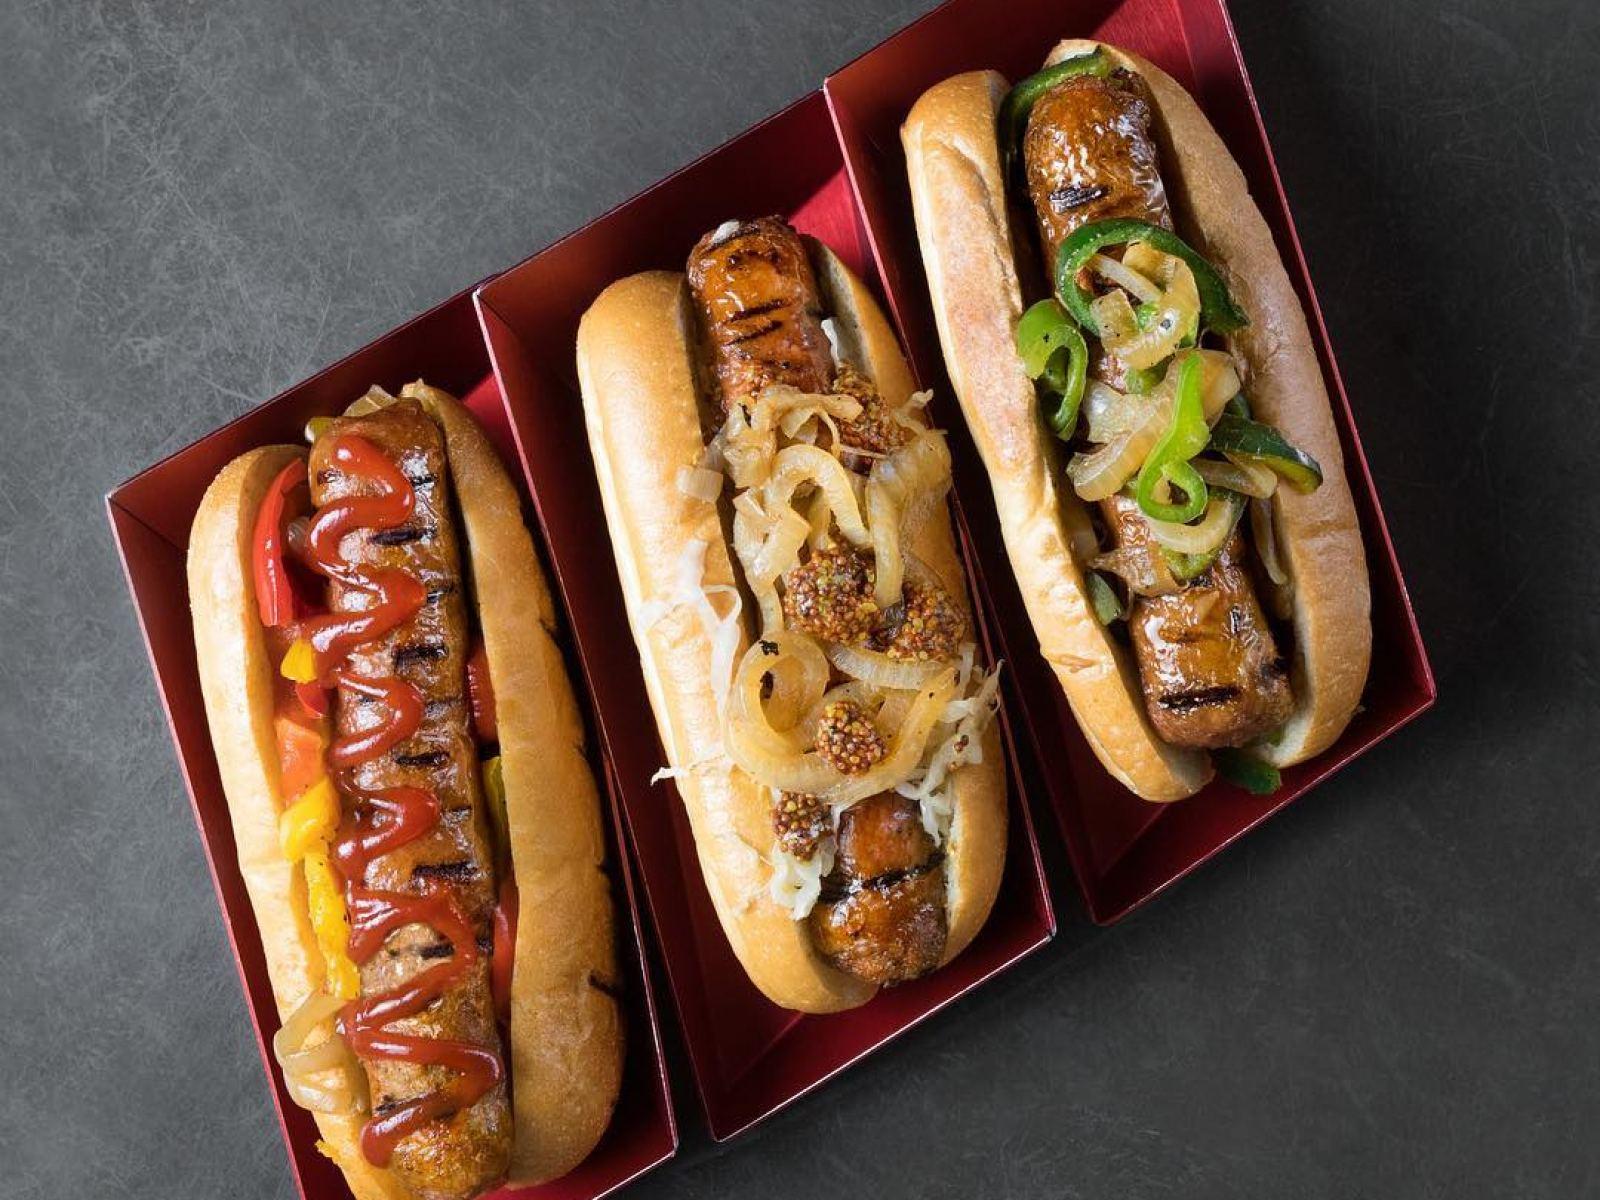 Wurstküche Beyond Meat Vegan Sausages